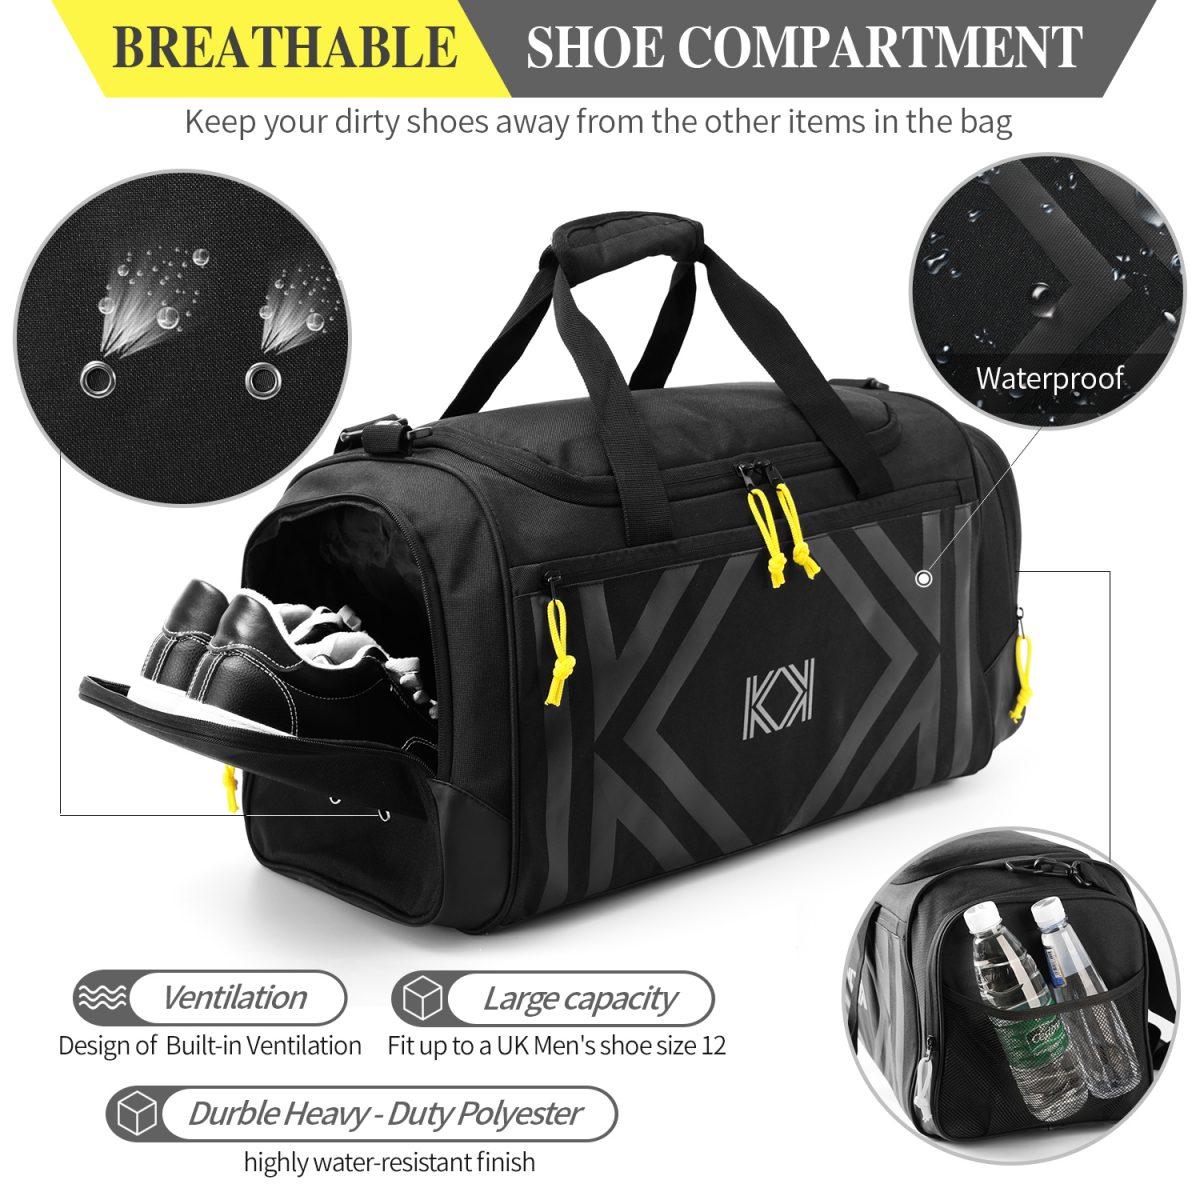 ff6341b868c3 KK Sport duffle bag, gym bag, fitness bag, exercise bag, travel bag